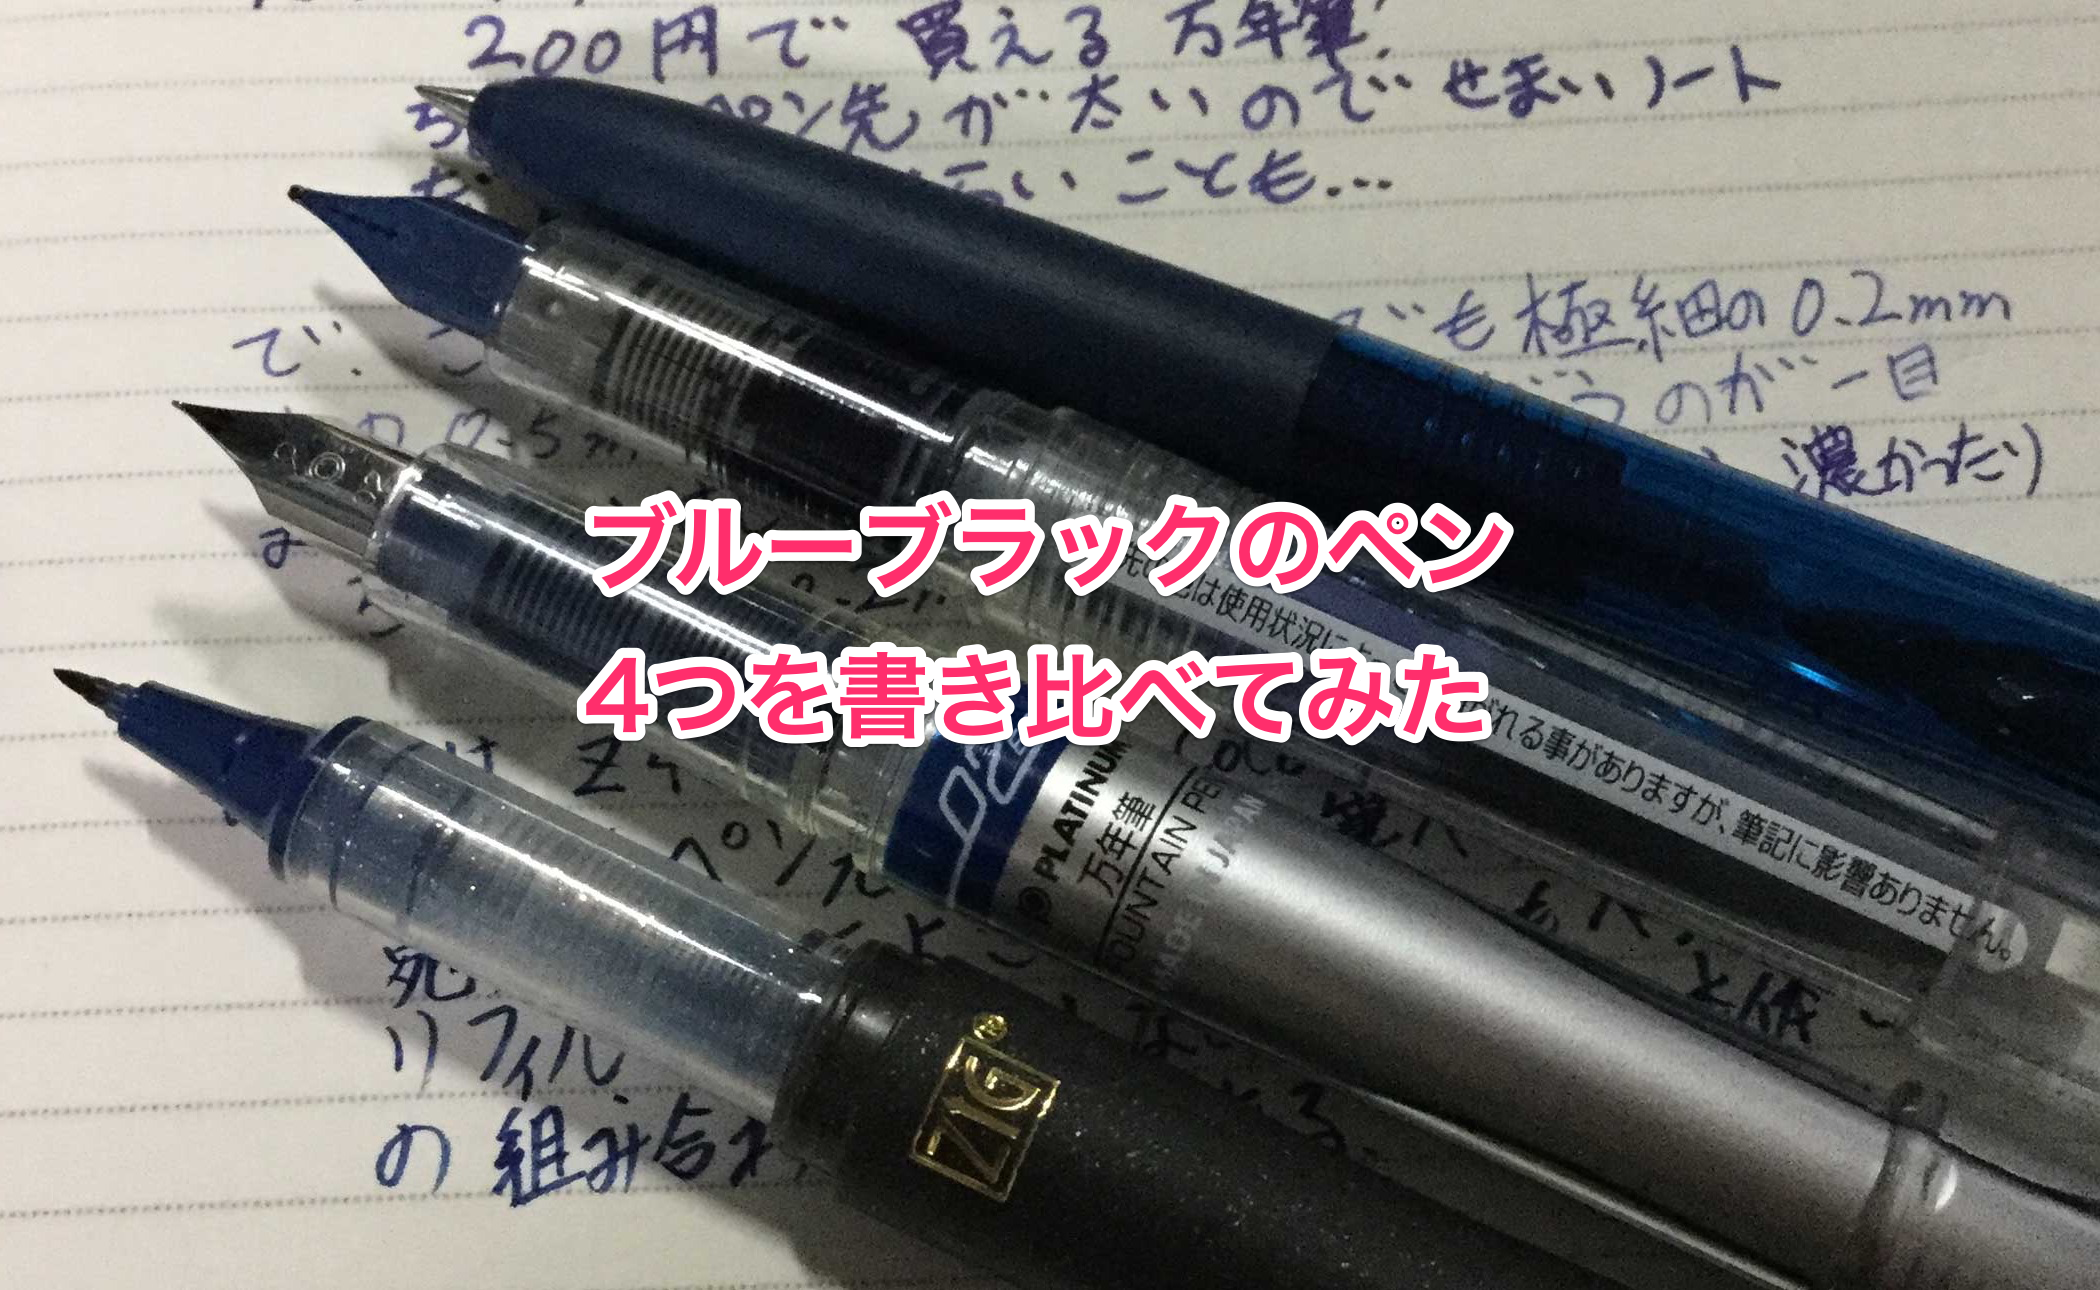 今年買ったペンを比べてみたよ